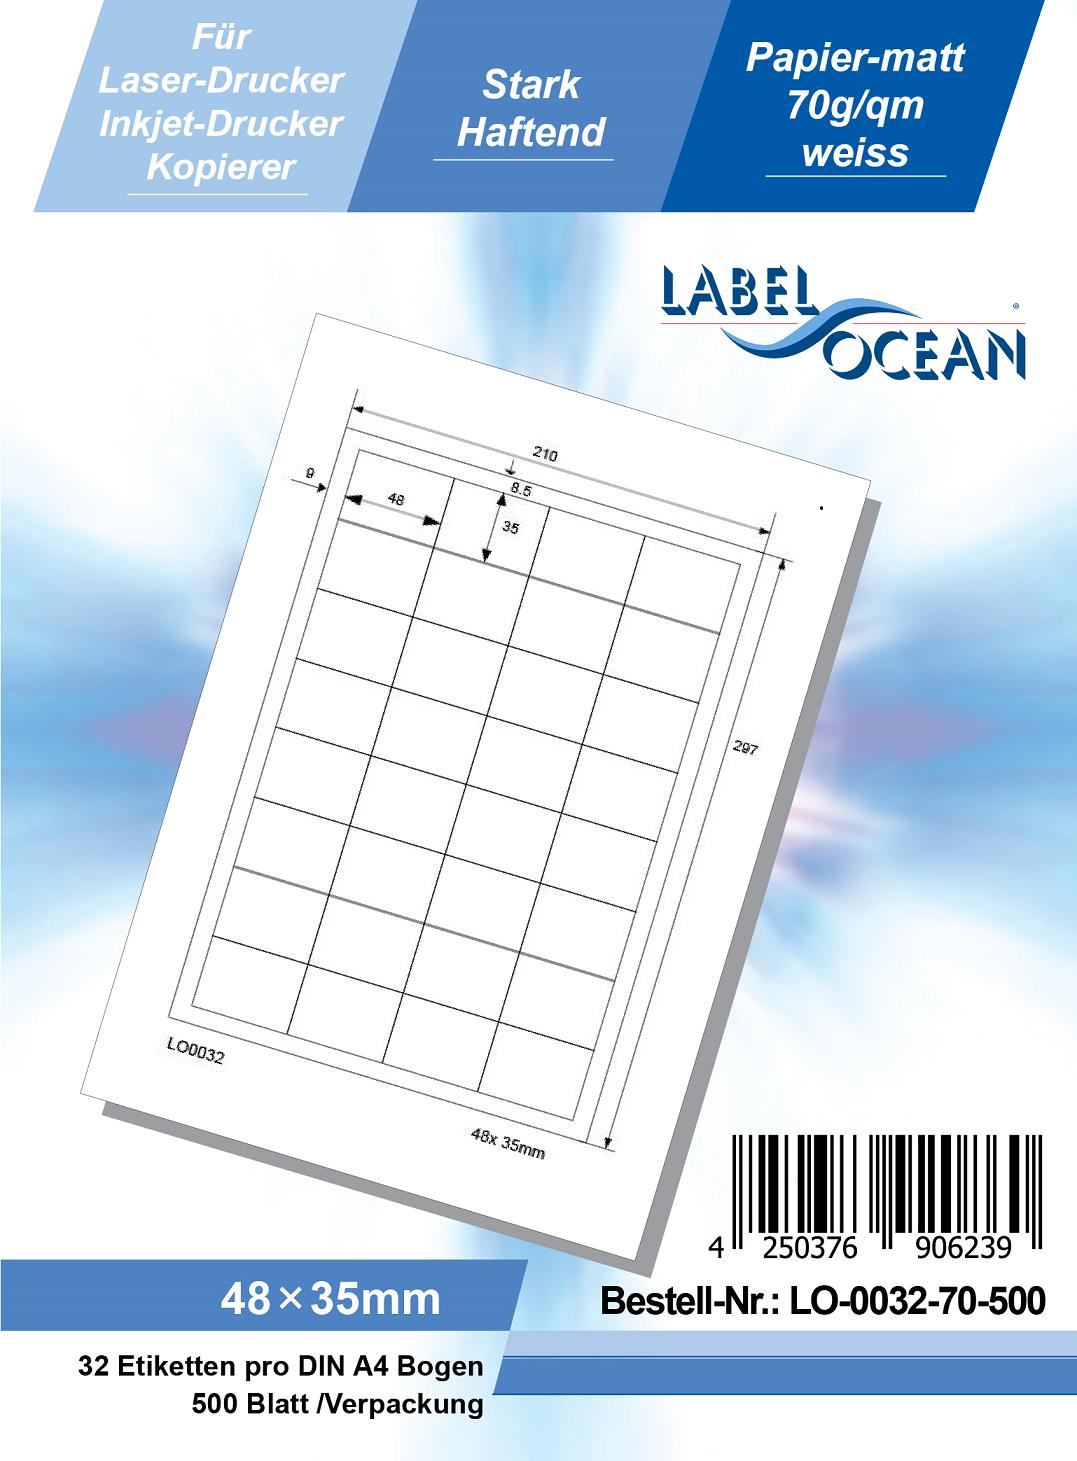 Klebeetiketten DIN A4 weiß 48x35mm (Laser Inkjet Kopierer) 500 Blatt